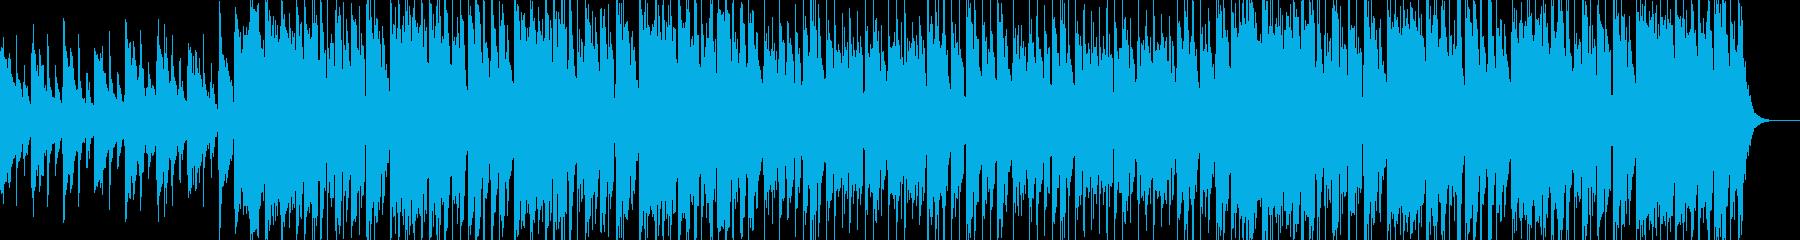 ストリングス、オシャレなハウスのんの再生済みの波形